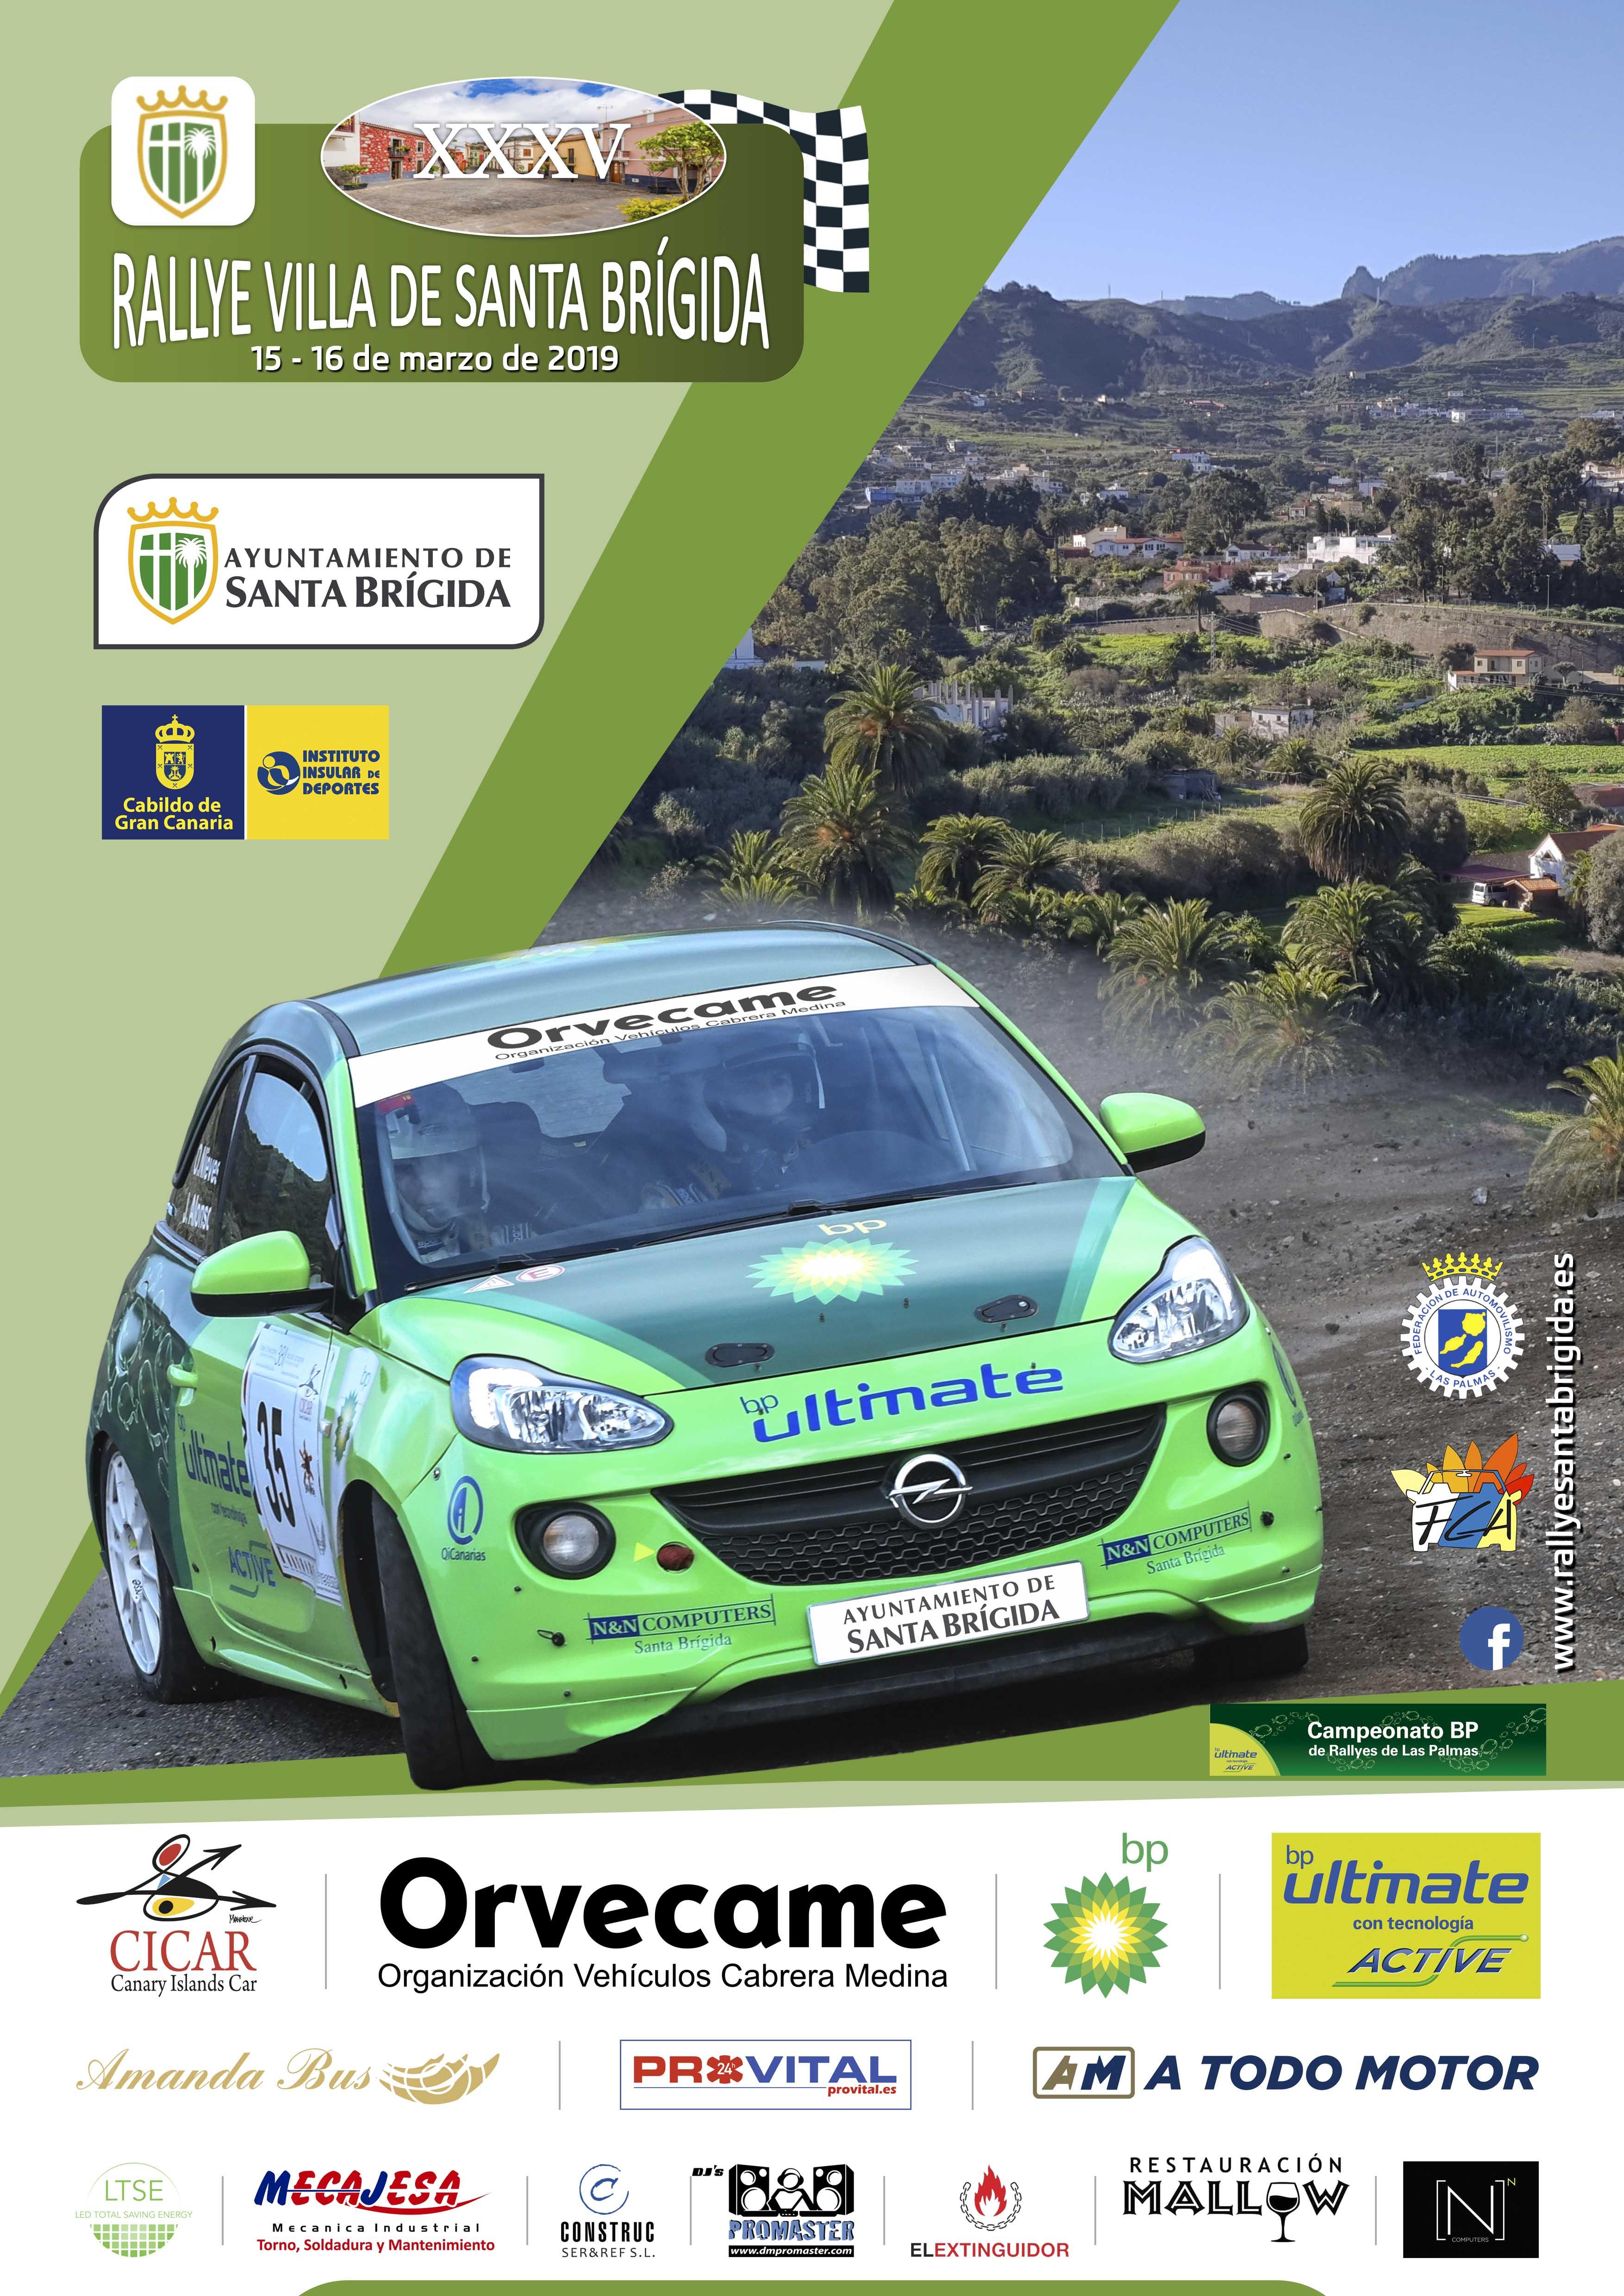 Campeonatos Regionales 2019: Información y novedades - Página 6 RVSB19b